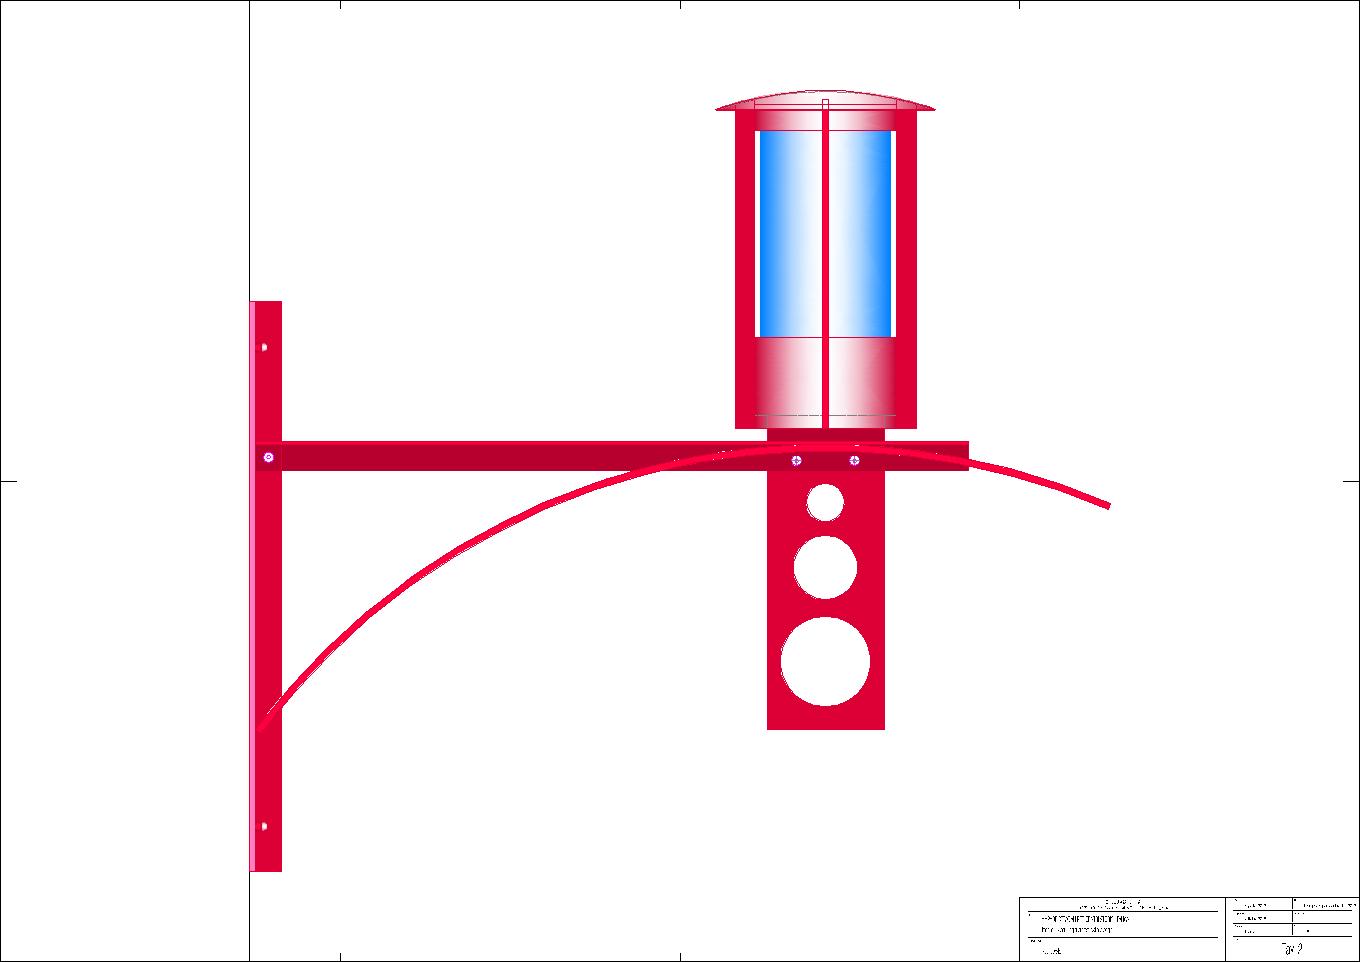 7-lampada-per-centro-sotrico-2013-copia-3-model